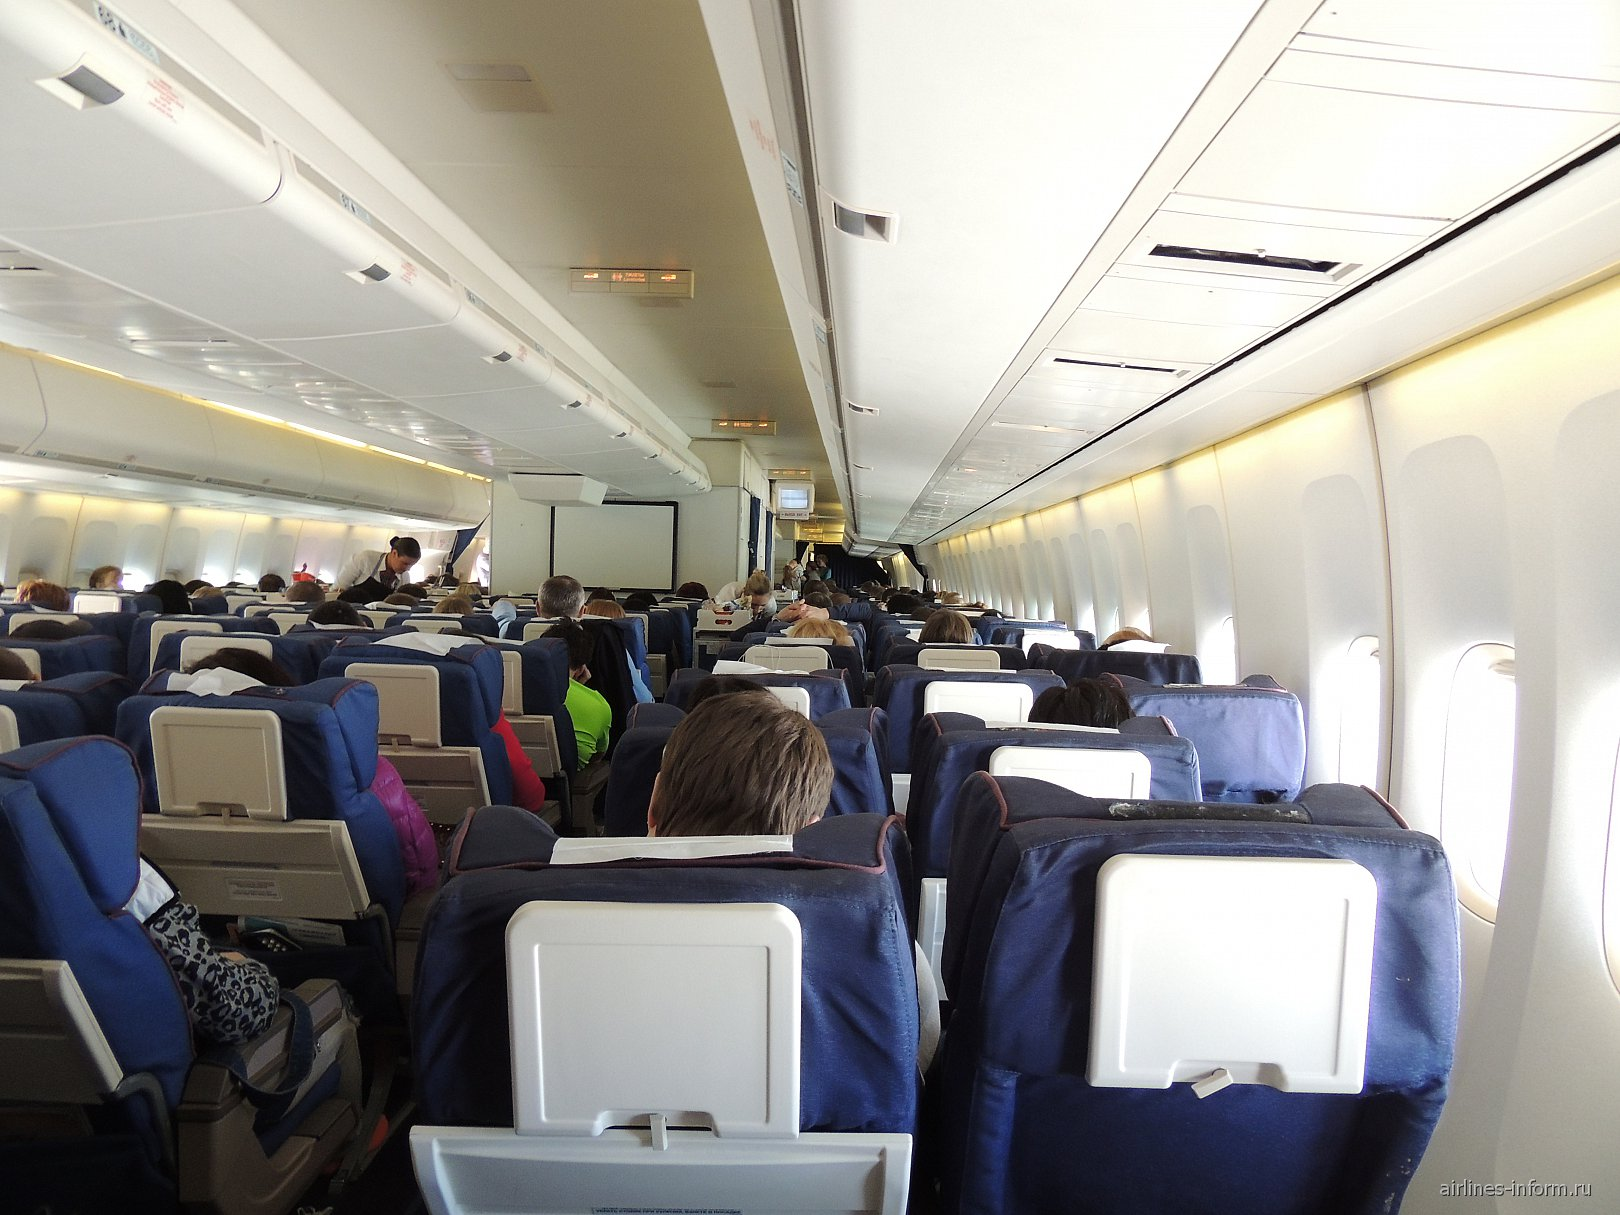 Салон самолета Боинг-747-400 авиакомпании Трансаэро